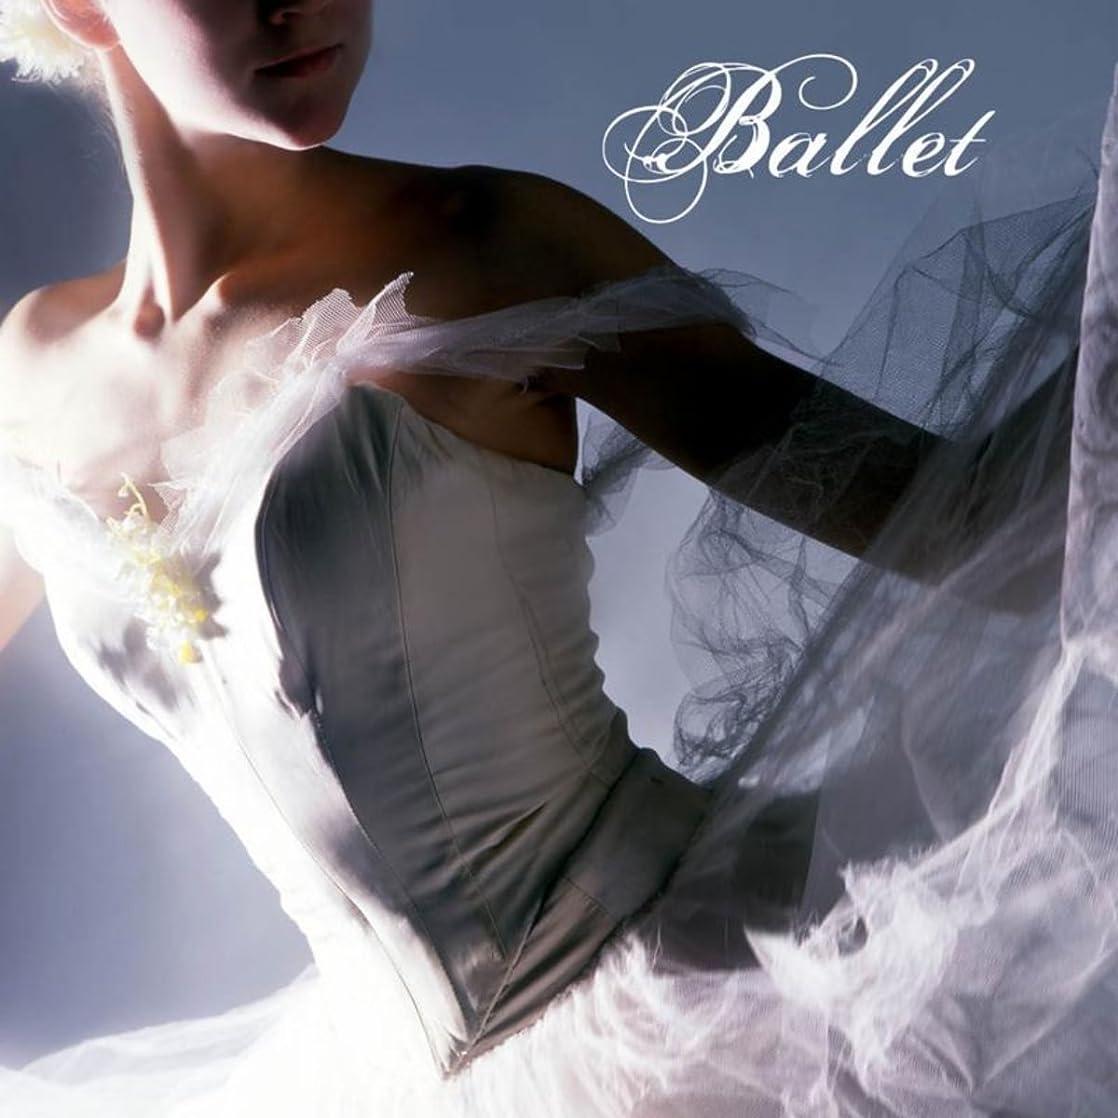 快適平野明日バレエ (Ballet): バレエ音楽, ダンスレッスン and バレエ教室, 100% バレエ